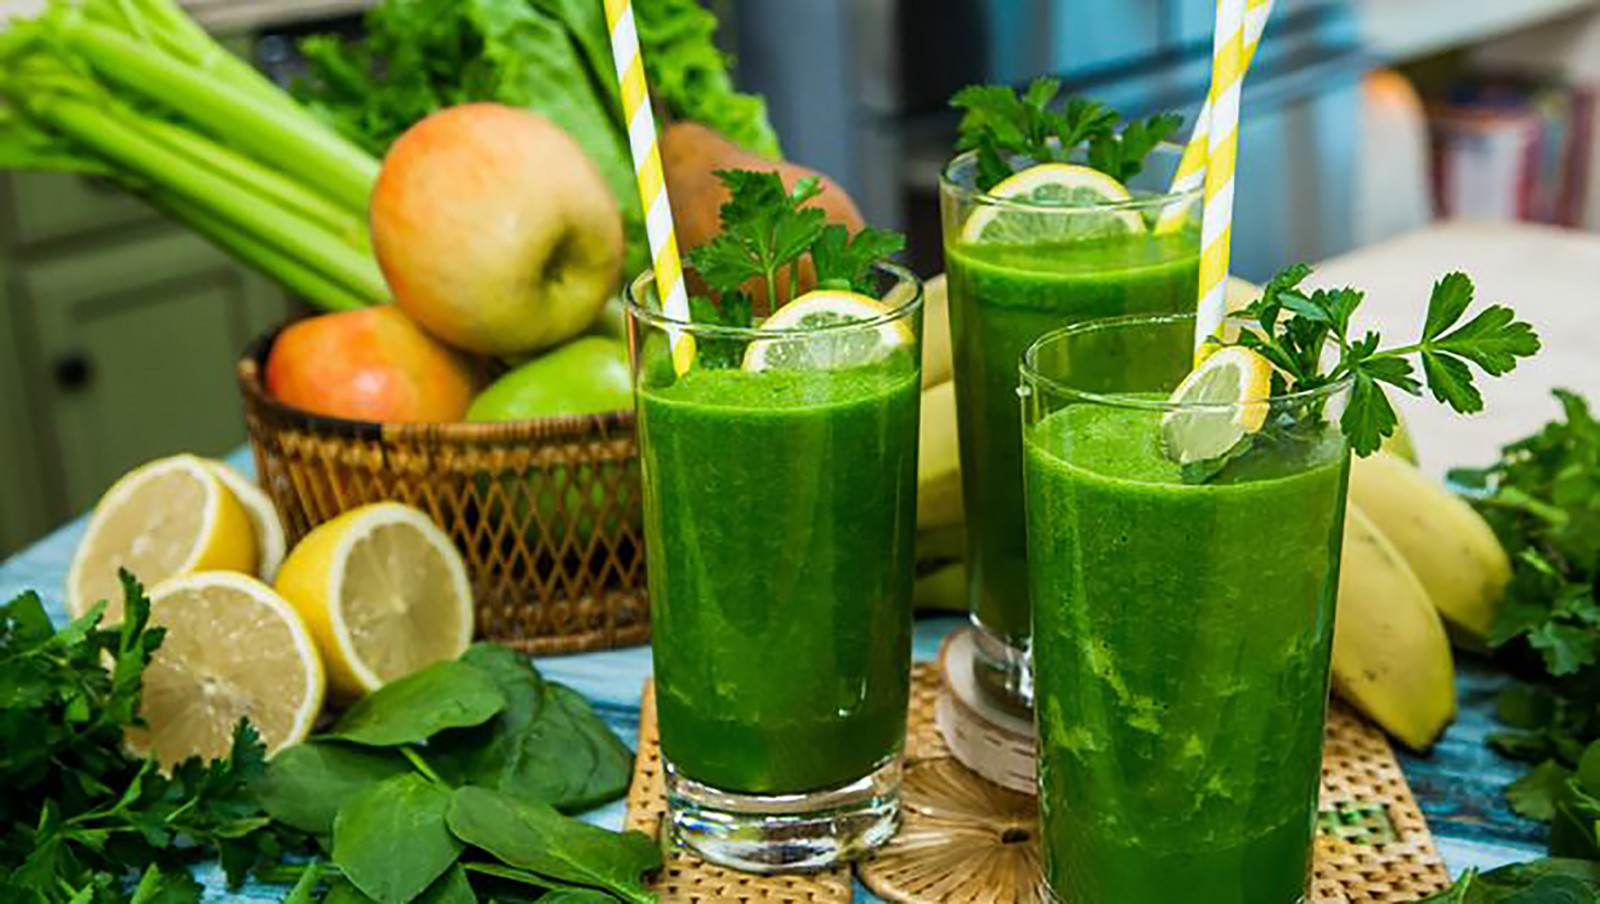 Ăn nhiều rau xanh, trái cây là cách an toàn và hiệu quả giúp cơ thể tổng hợp collagen. Ảnh: hallmarkchannel